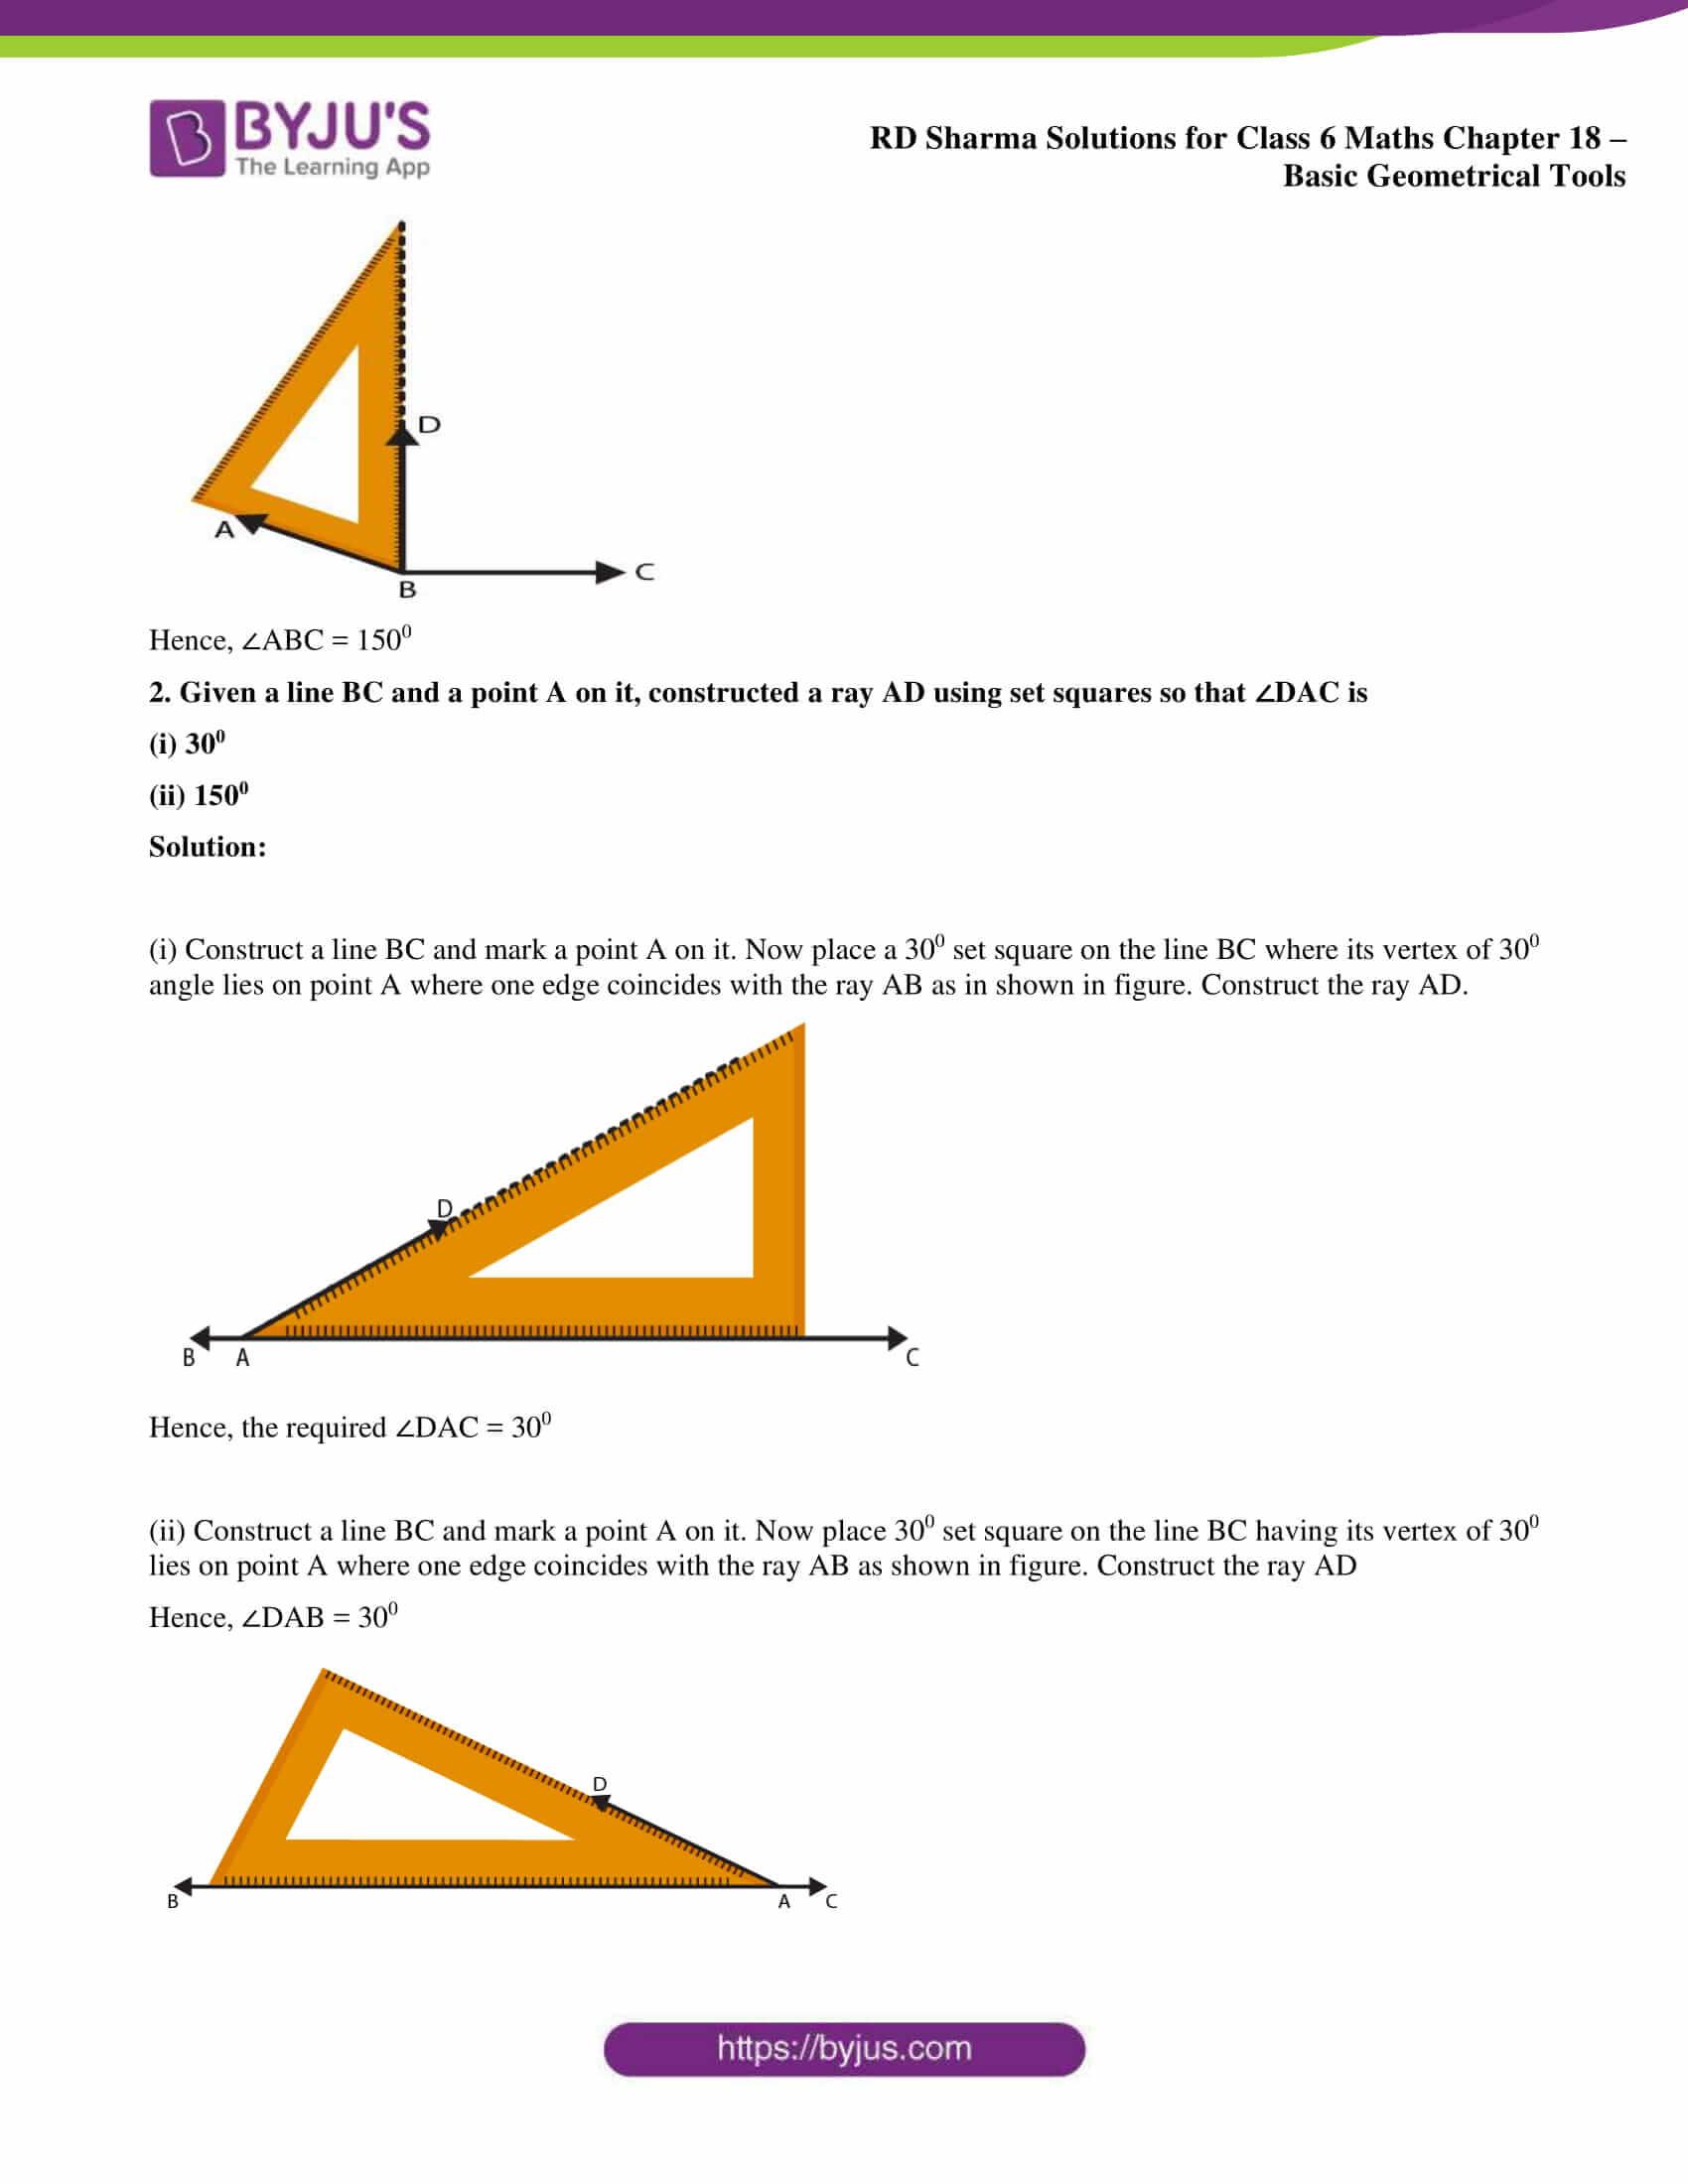 rd sharma solutions class 6 maths chapter 18